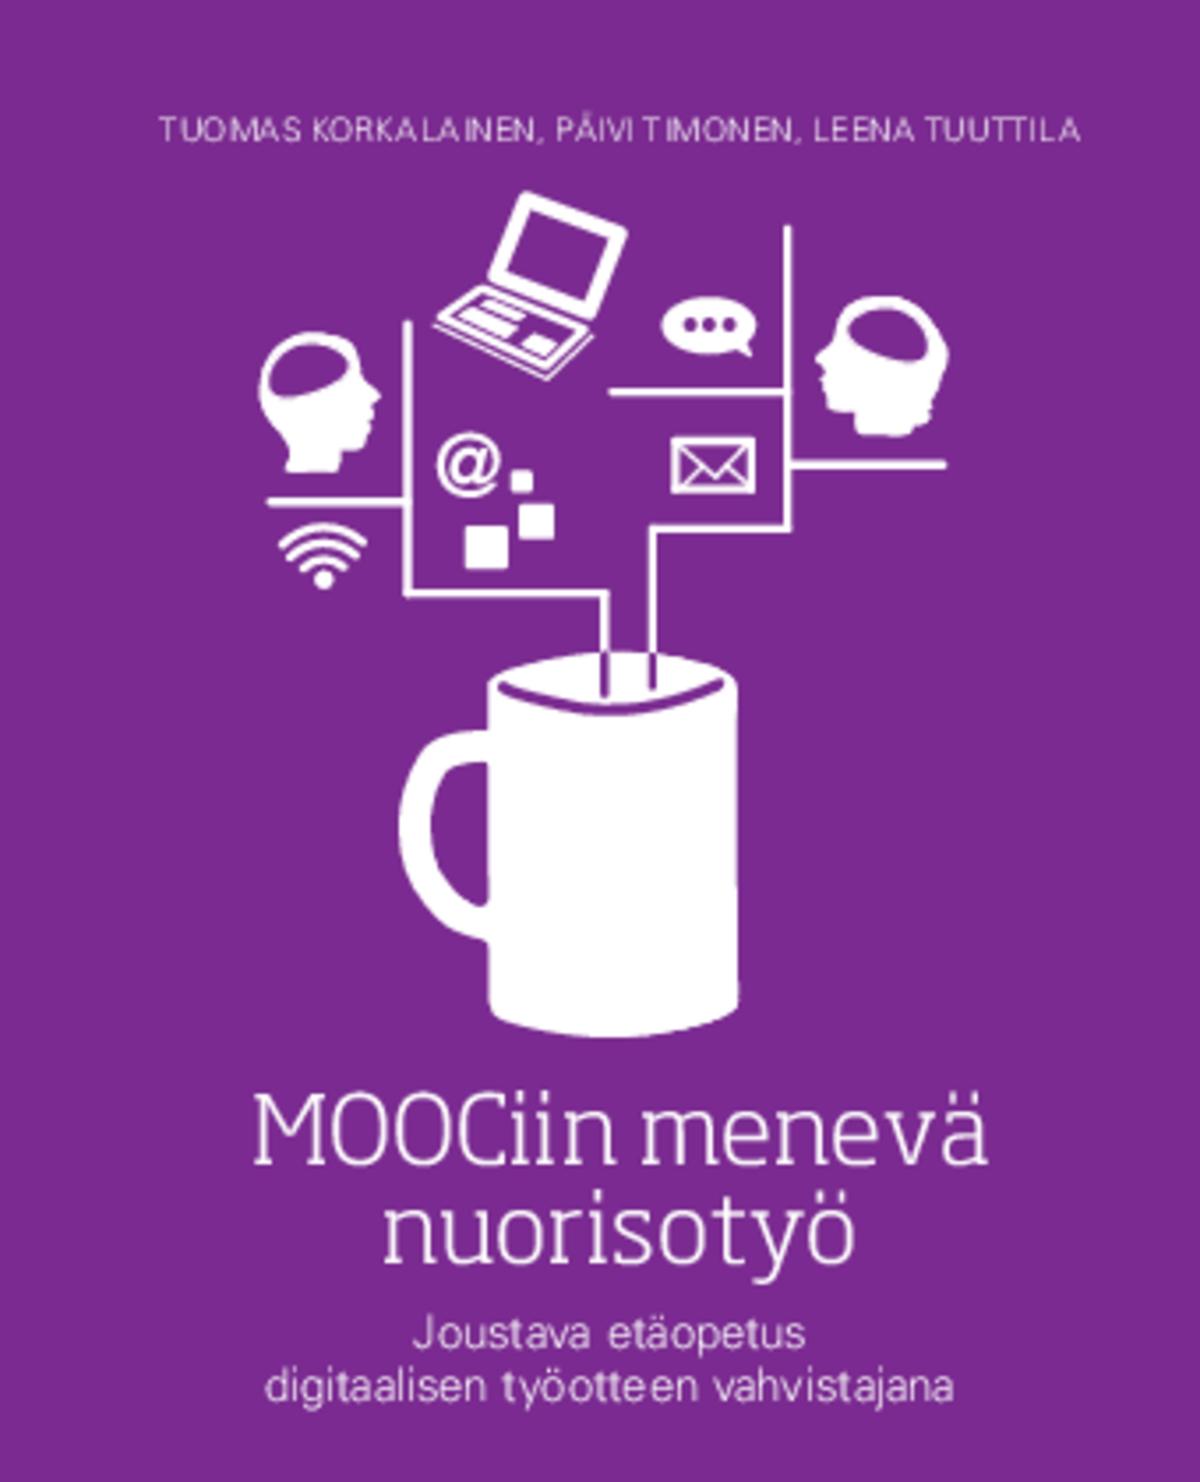 MOOC myös humanistiselle alalle